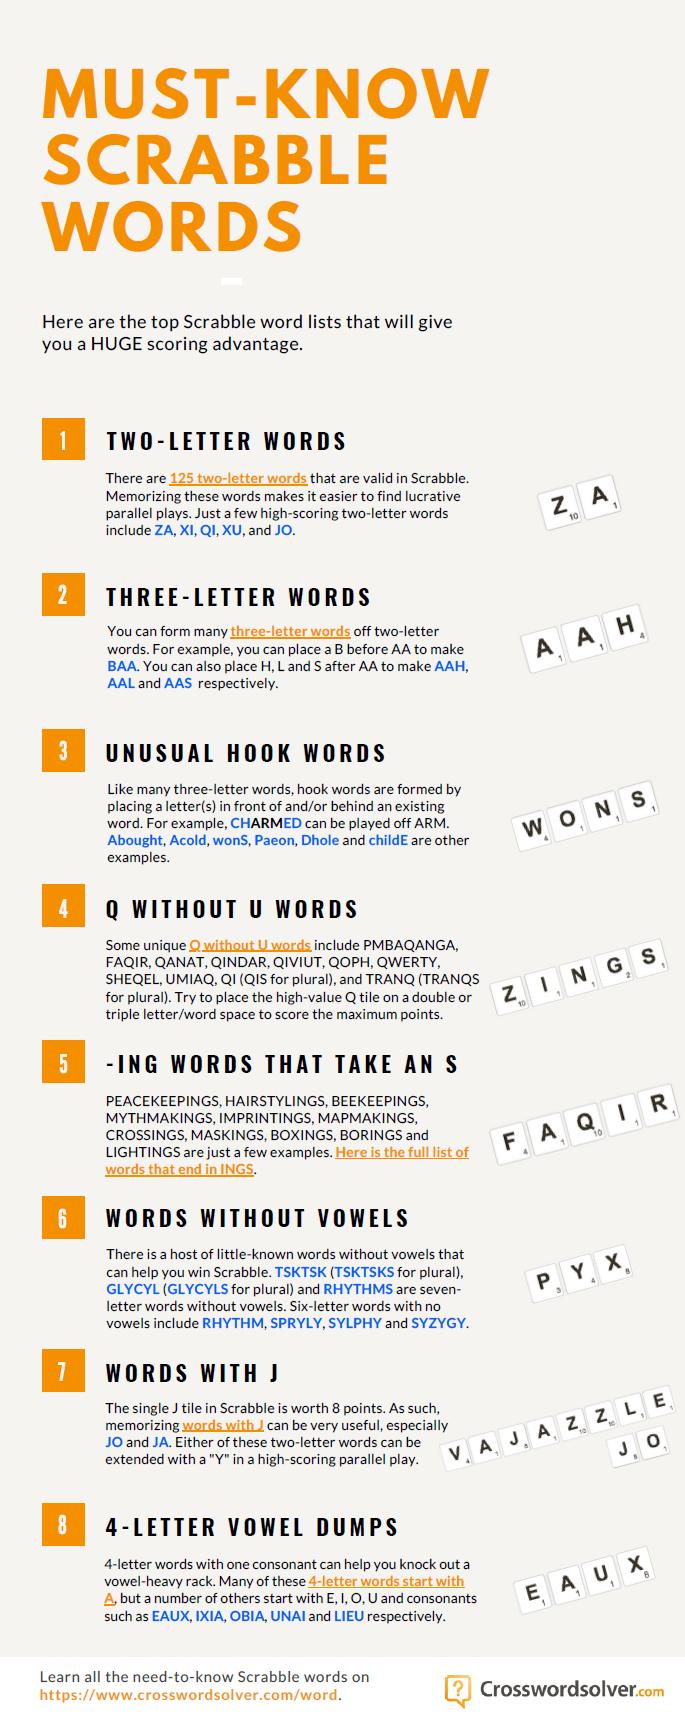 MustKnow Scrabble Word Lists in 2020 Scrabble words